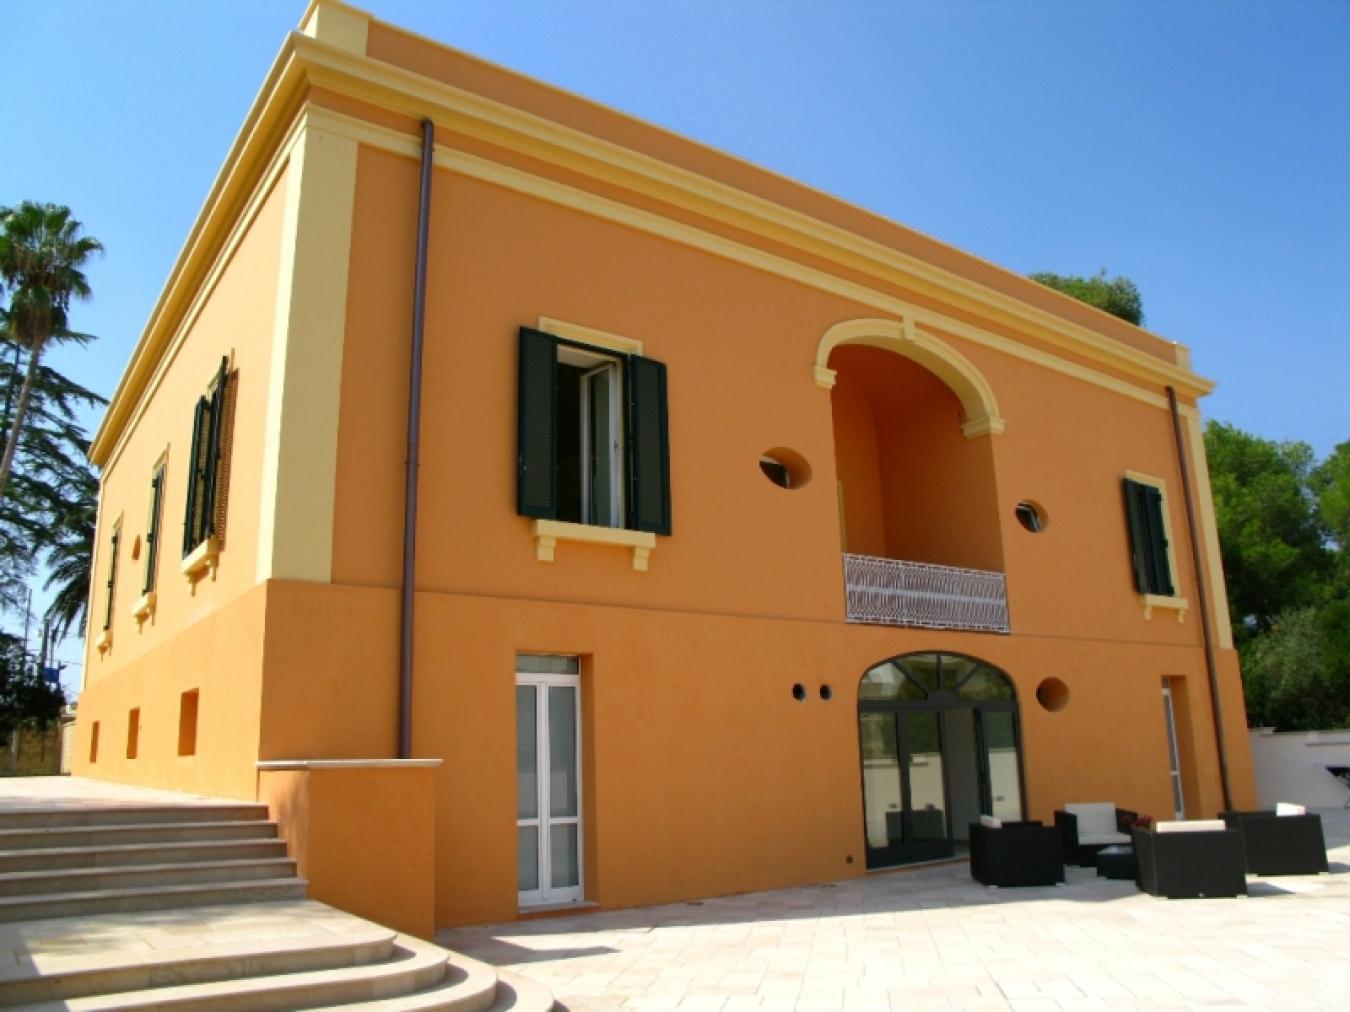 Affitto villa con 8 camere a presicce lido marini villa for Camere affitto